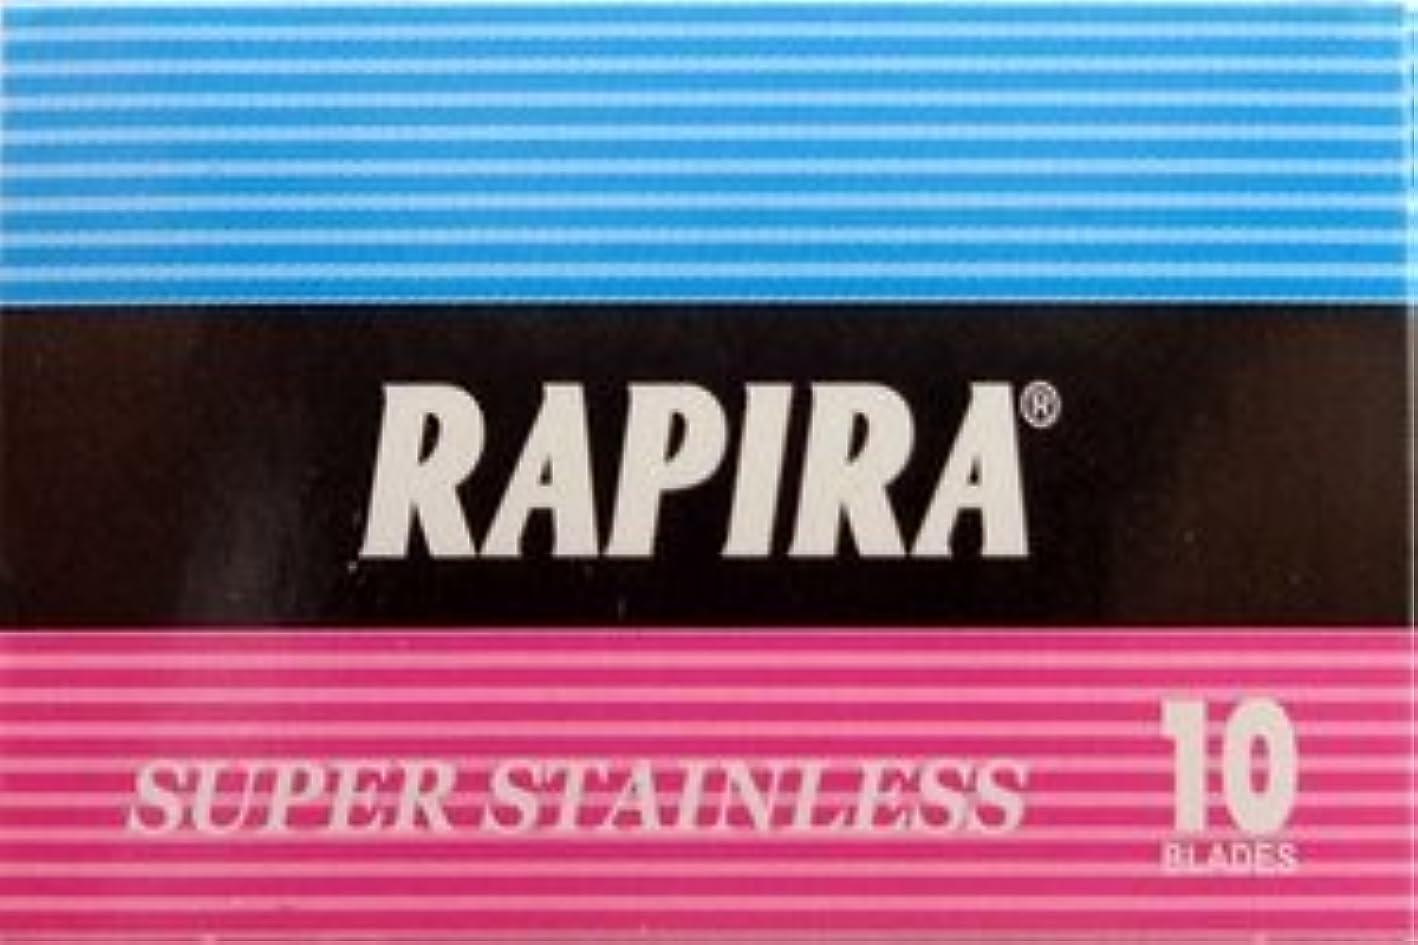 しなやかテクトニックなだめるRapira Super Stainless 両刃替刃 10枚入り(10枚入り1 個セット)【並行輸入品】